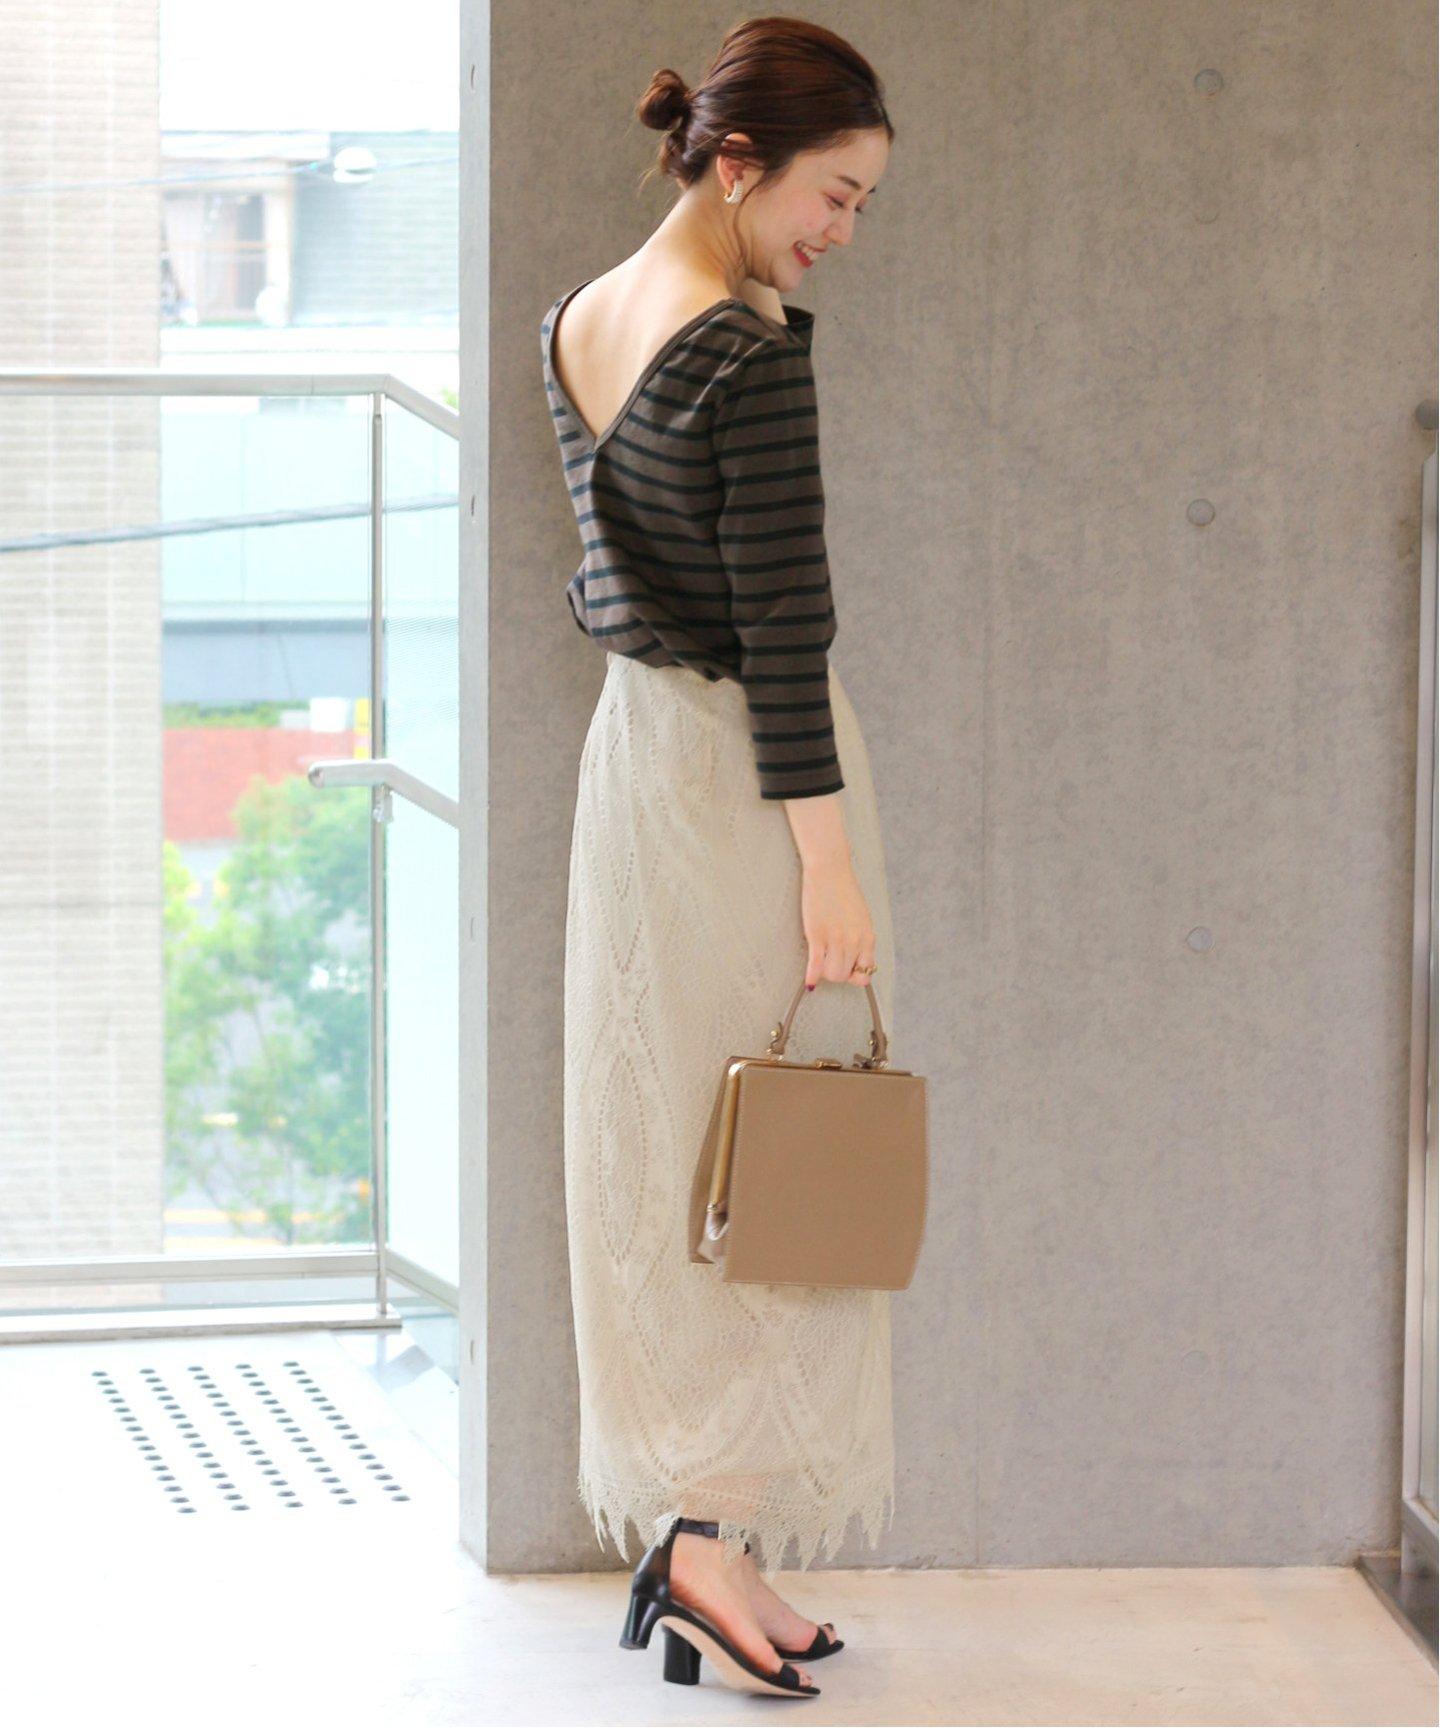 與肌膚貼近的窄裙隨著面料的不同所展現的衣著感也有所區別